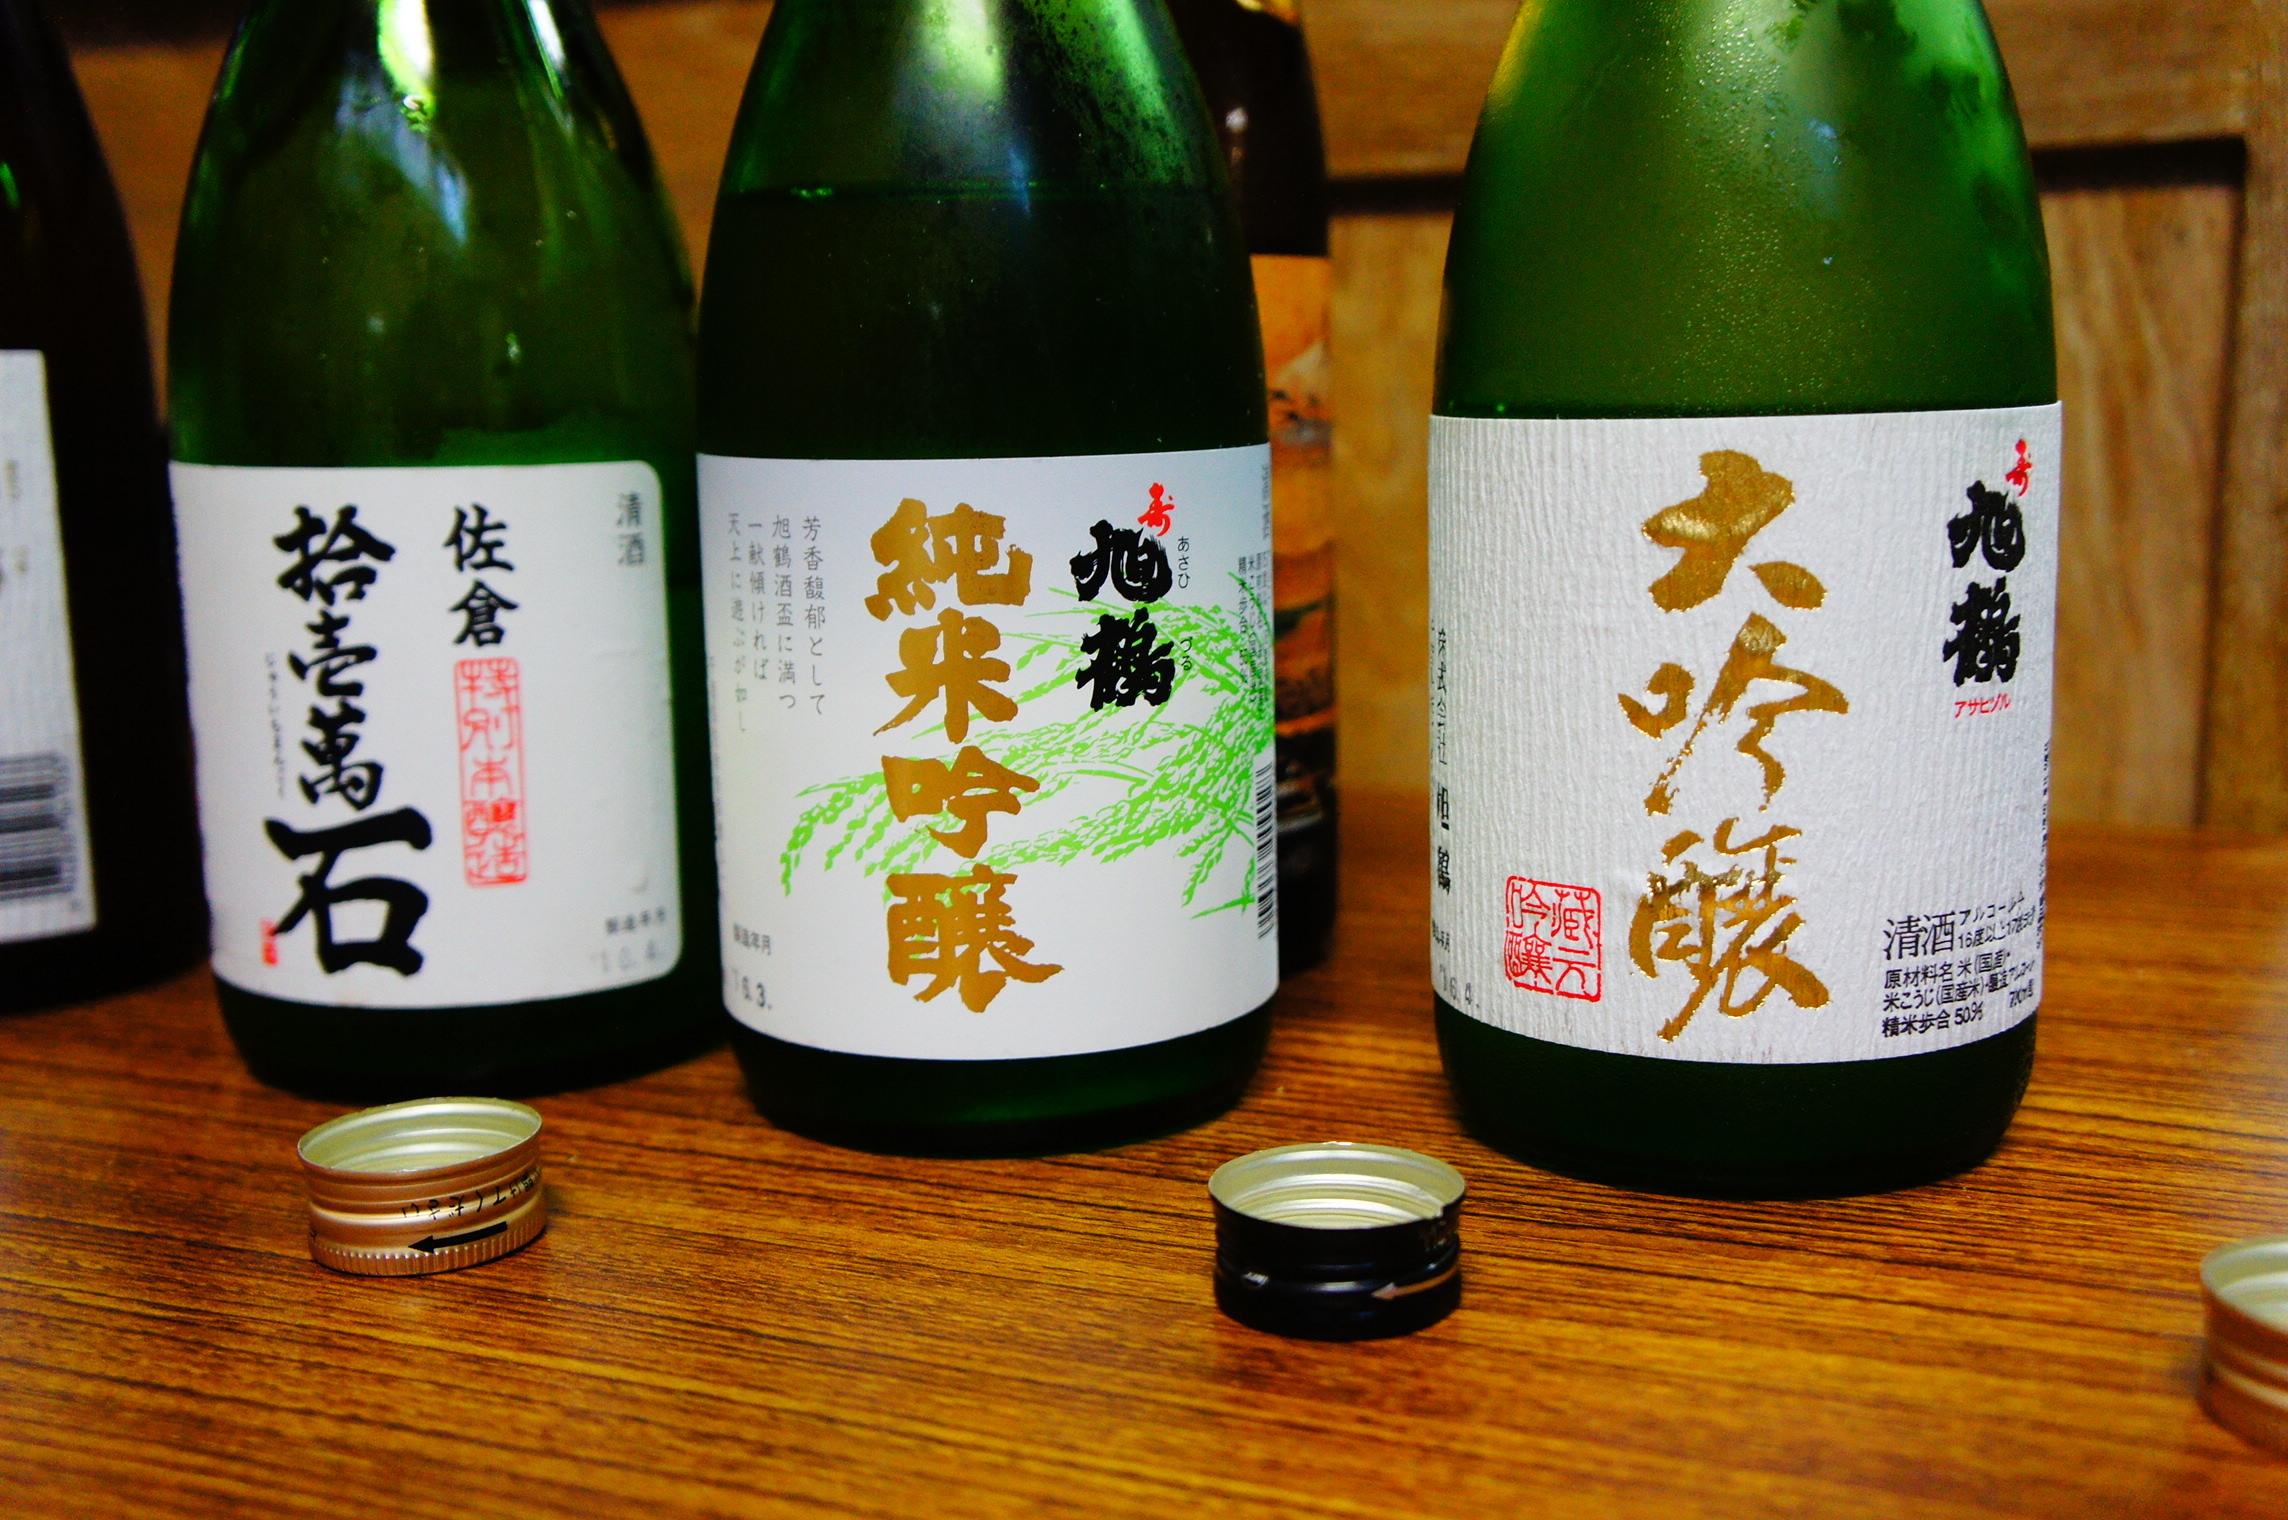 日本 千葉 觀光 景點 日本酒